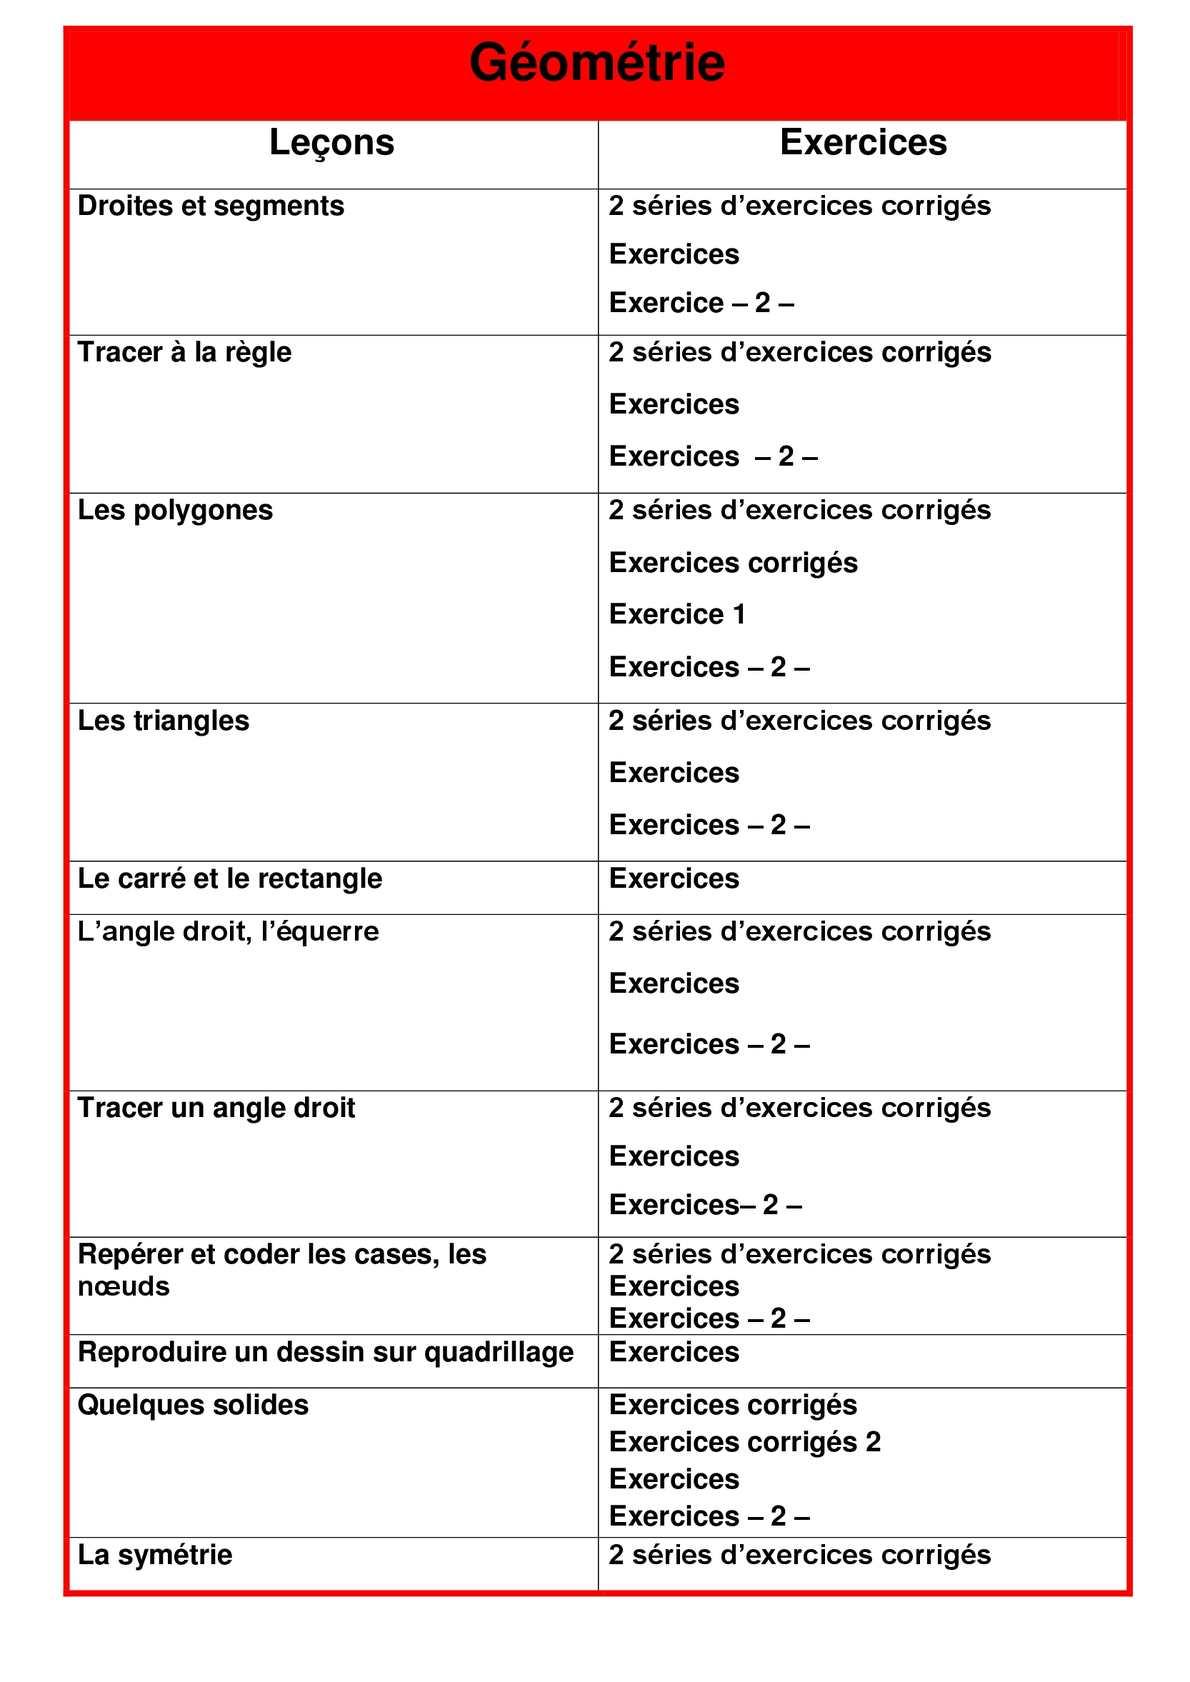 Ce1 Mathématiques - Banque De Leçons Et Exercices - Calameo dedans Exercice Symétrie Ce1